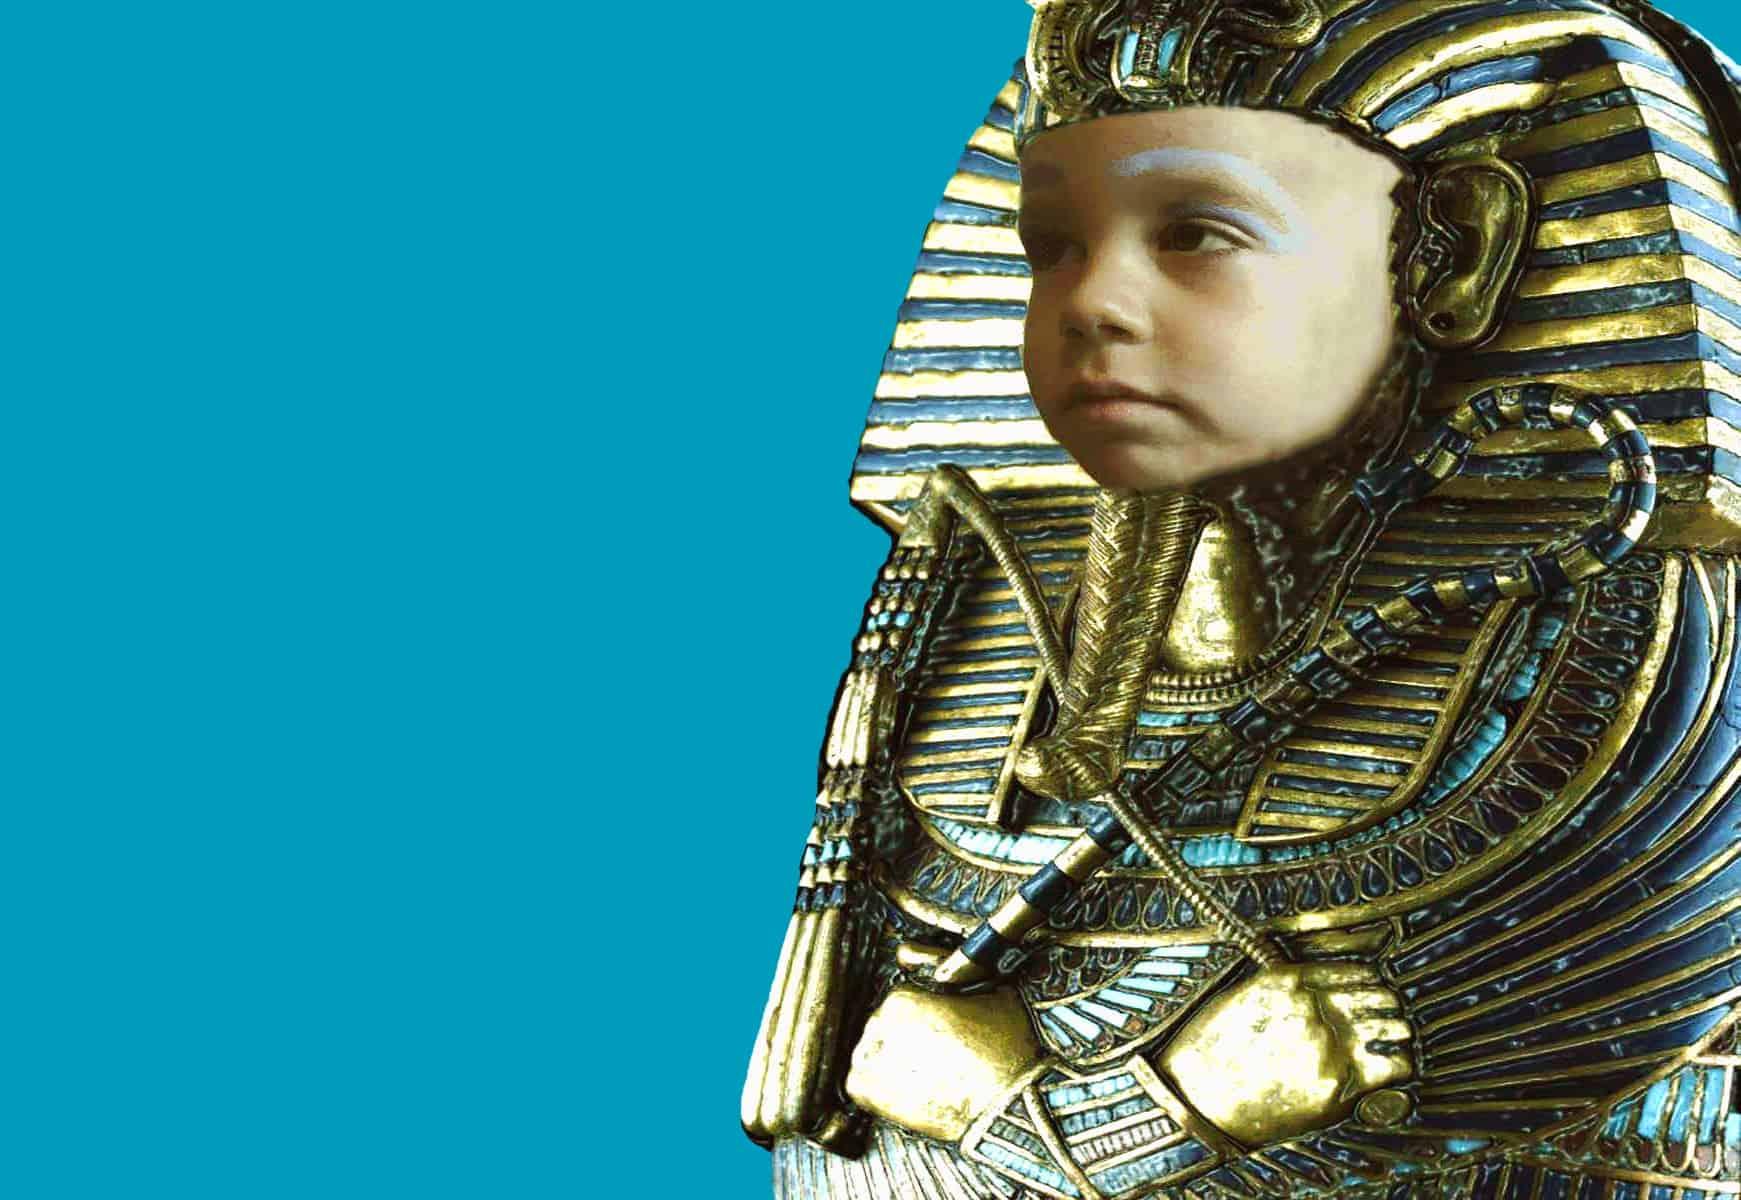 vrtić Povratka prirodi, Tutankamon